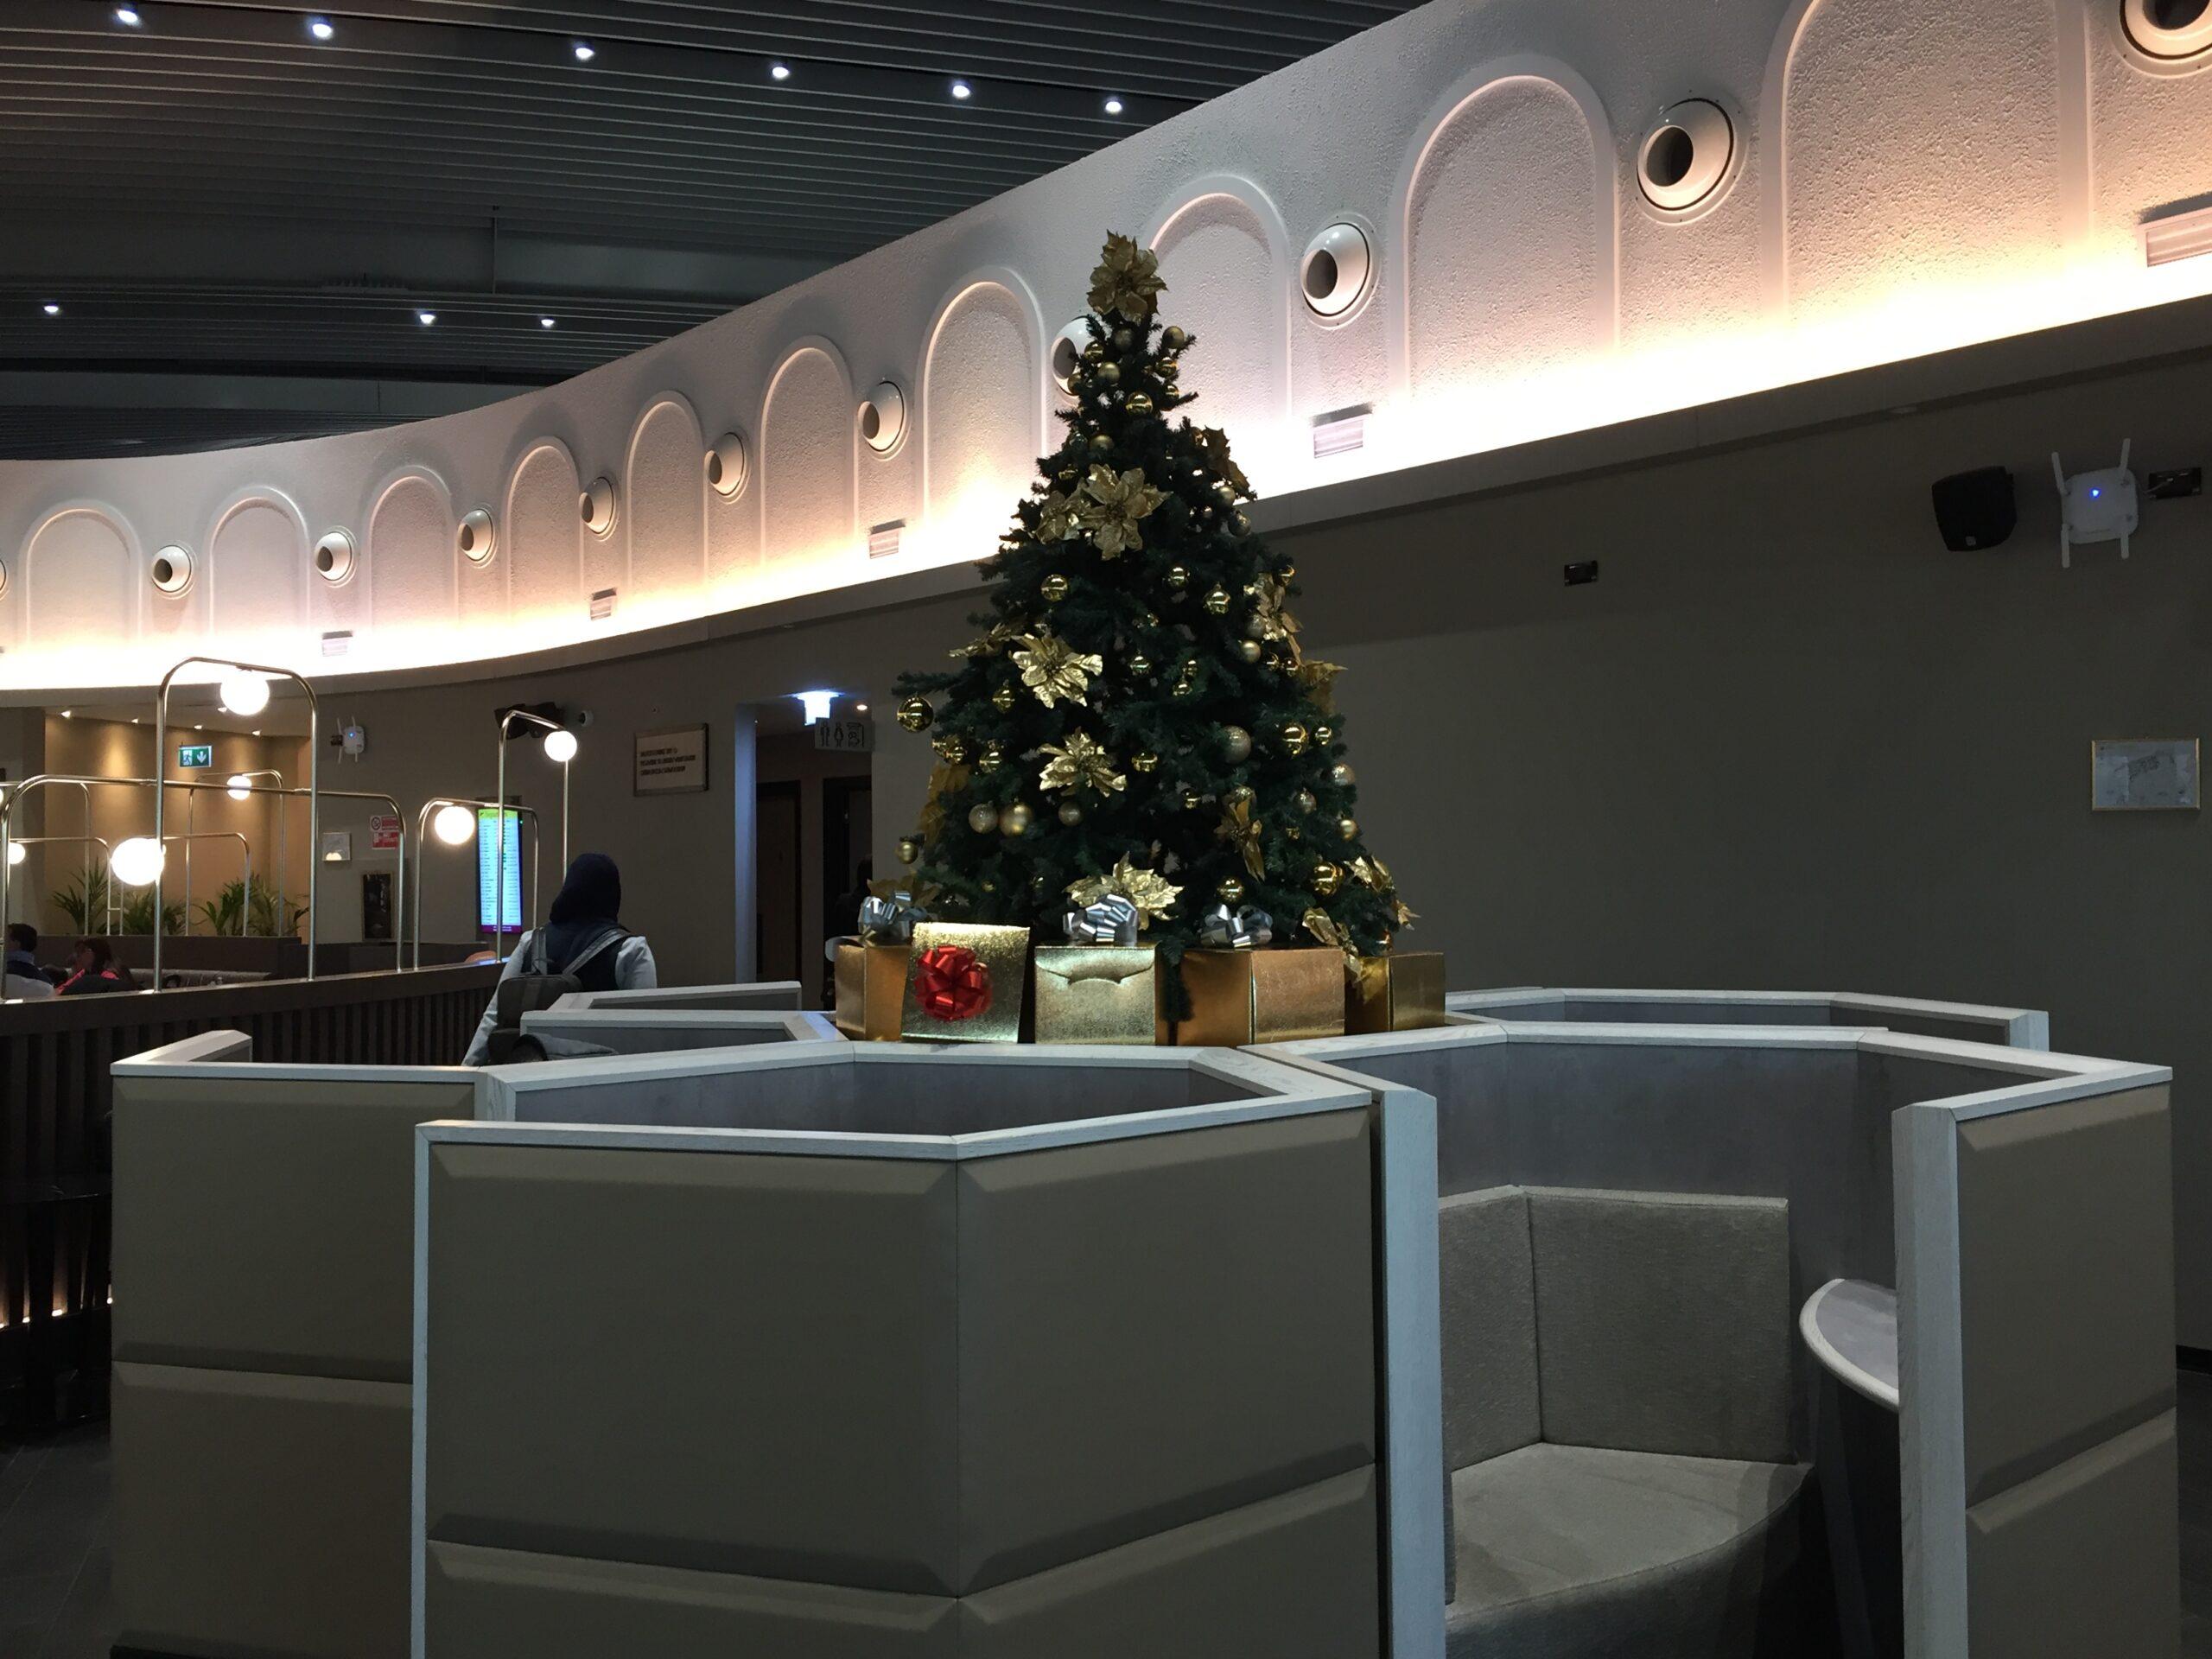 Natale in aeroporto, Natale alla Plaza Premium Lounge